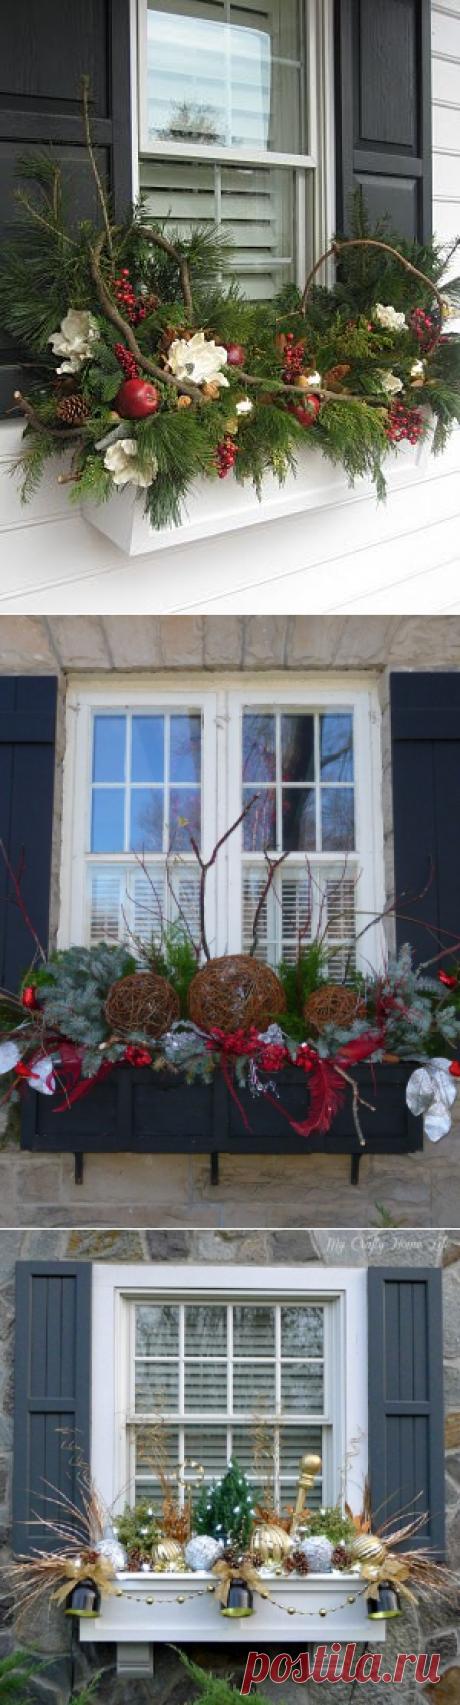 Нворічний декор вікон приватного будинку   Ідеї декору